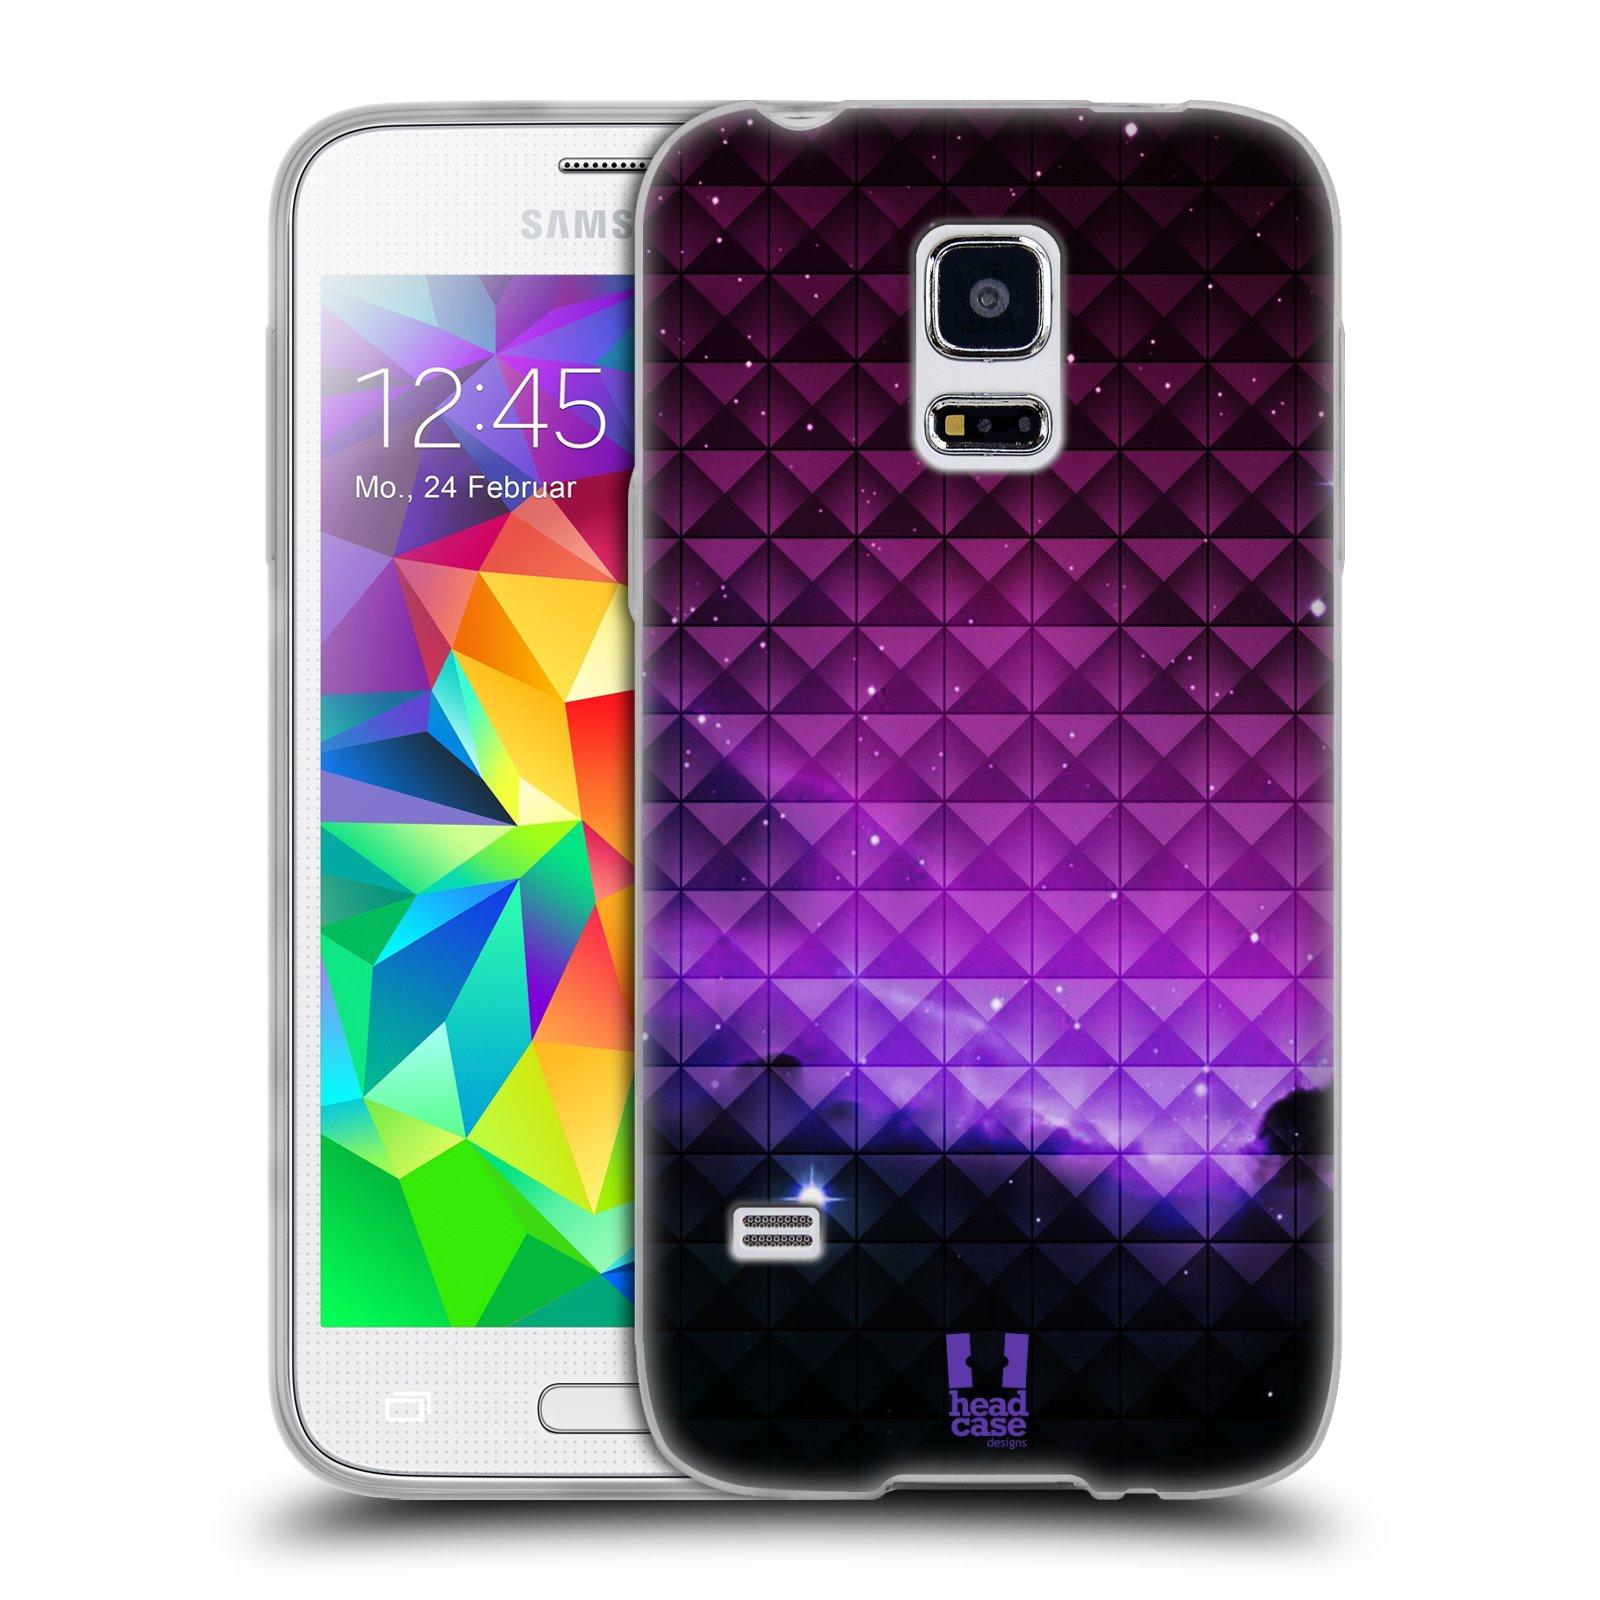 Silikonové pouzdro na mobil Samsung Galaxy S5 Mini HEAD CASE PURPLE HAZE (Silikonový kryt či obal na mobilní telefon Samsung Galaxy S5 Mini SM-G800F)